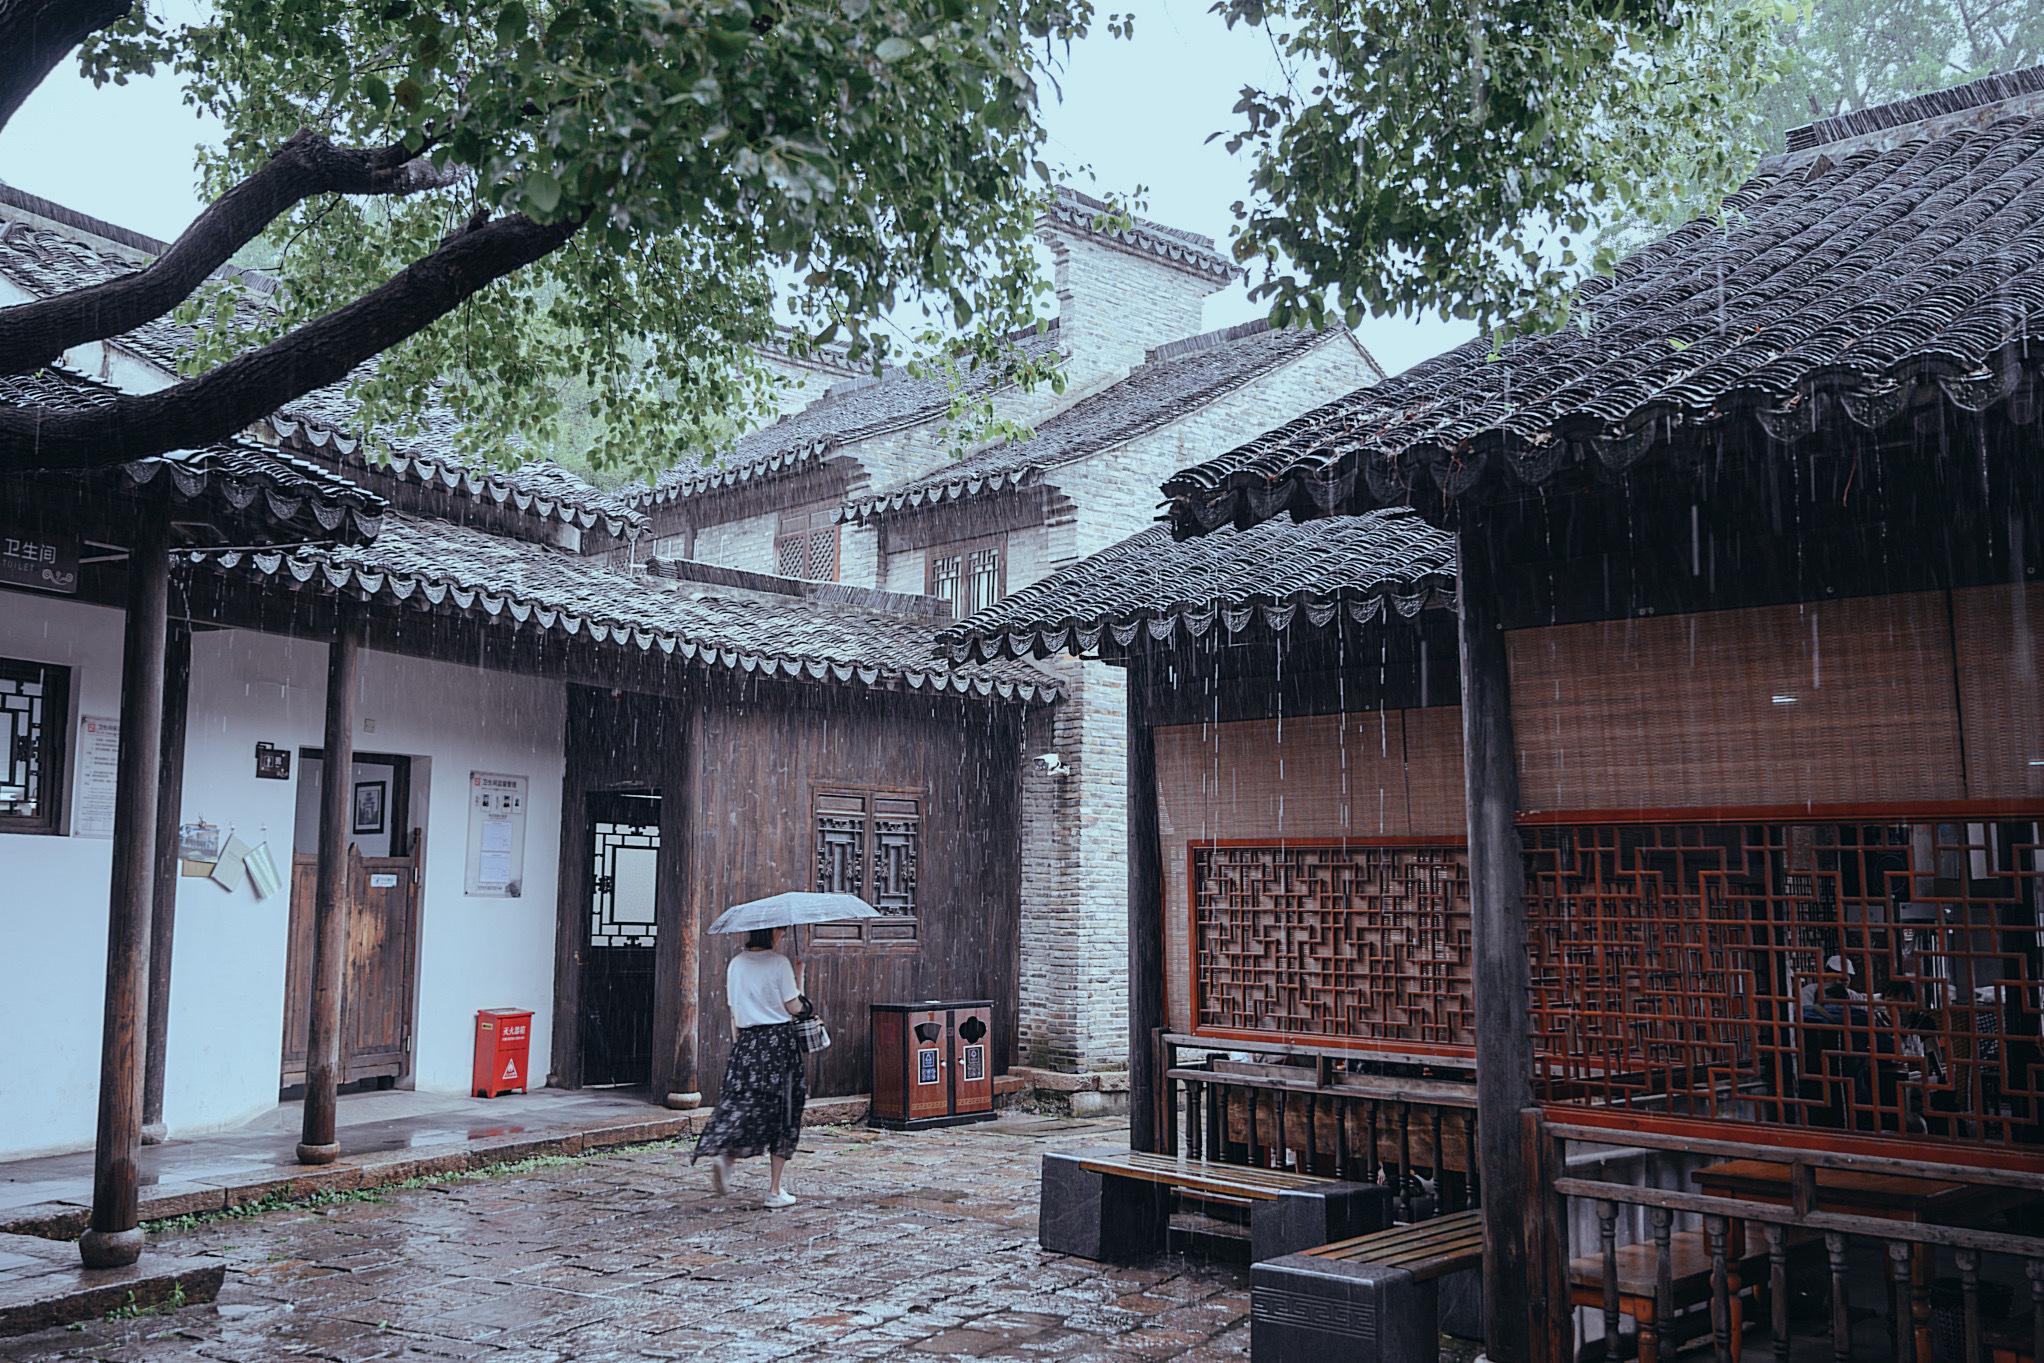 无锡惠山古镇来过很多次,雨中的惠山古镇却是第一次见